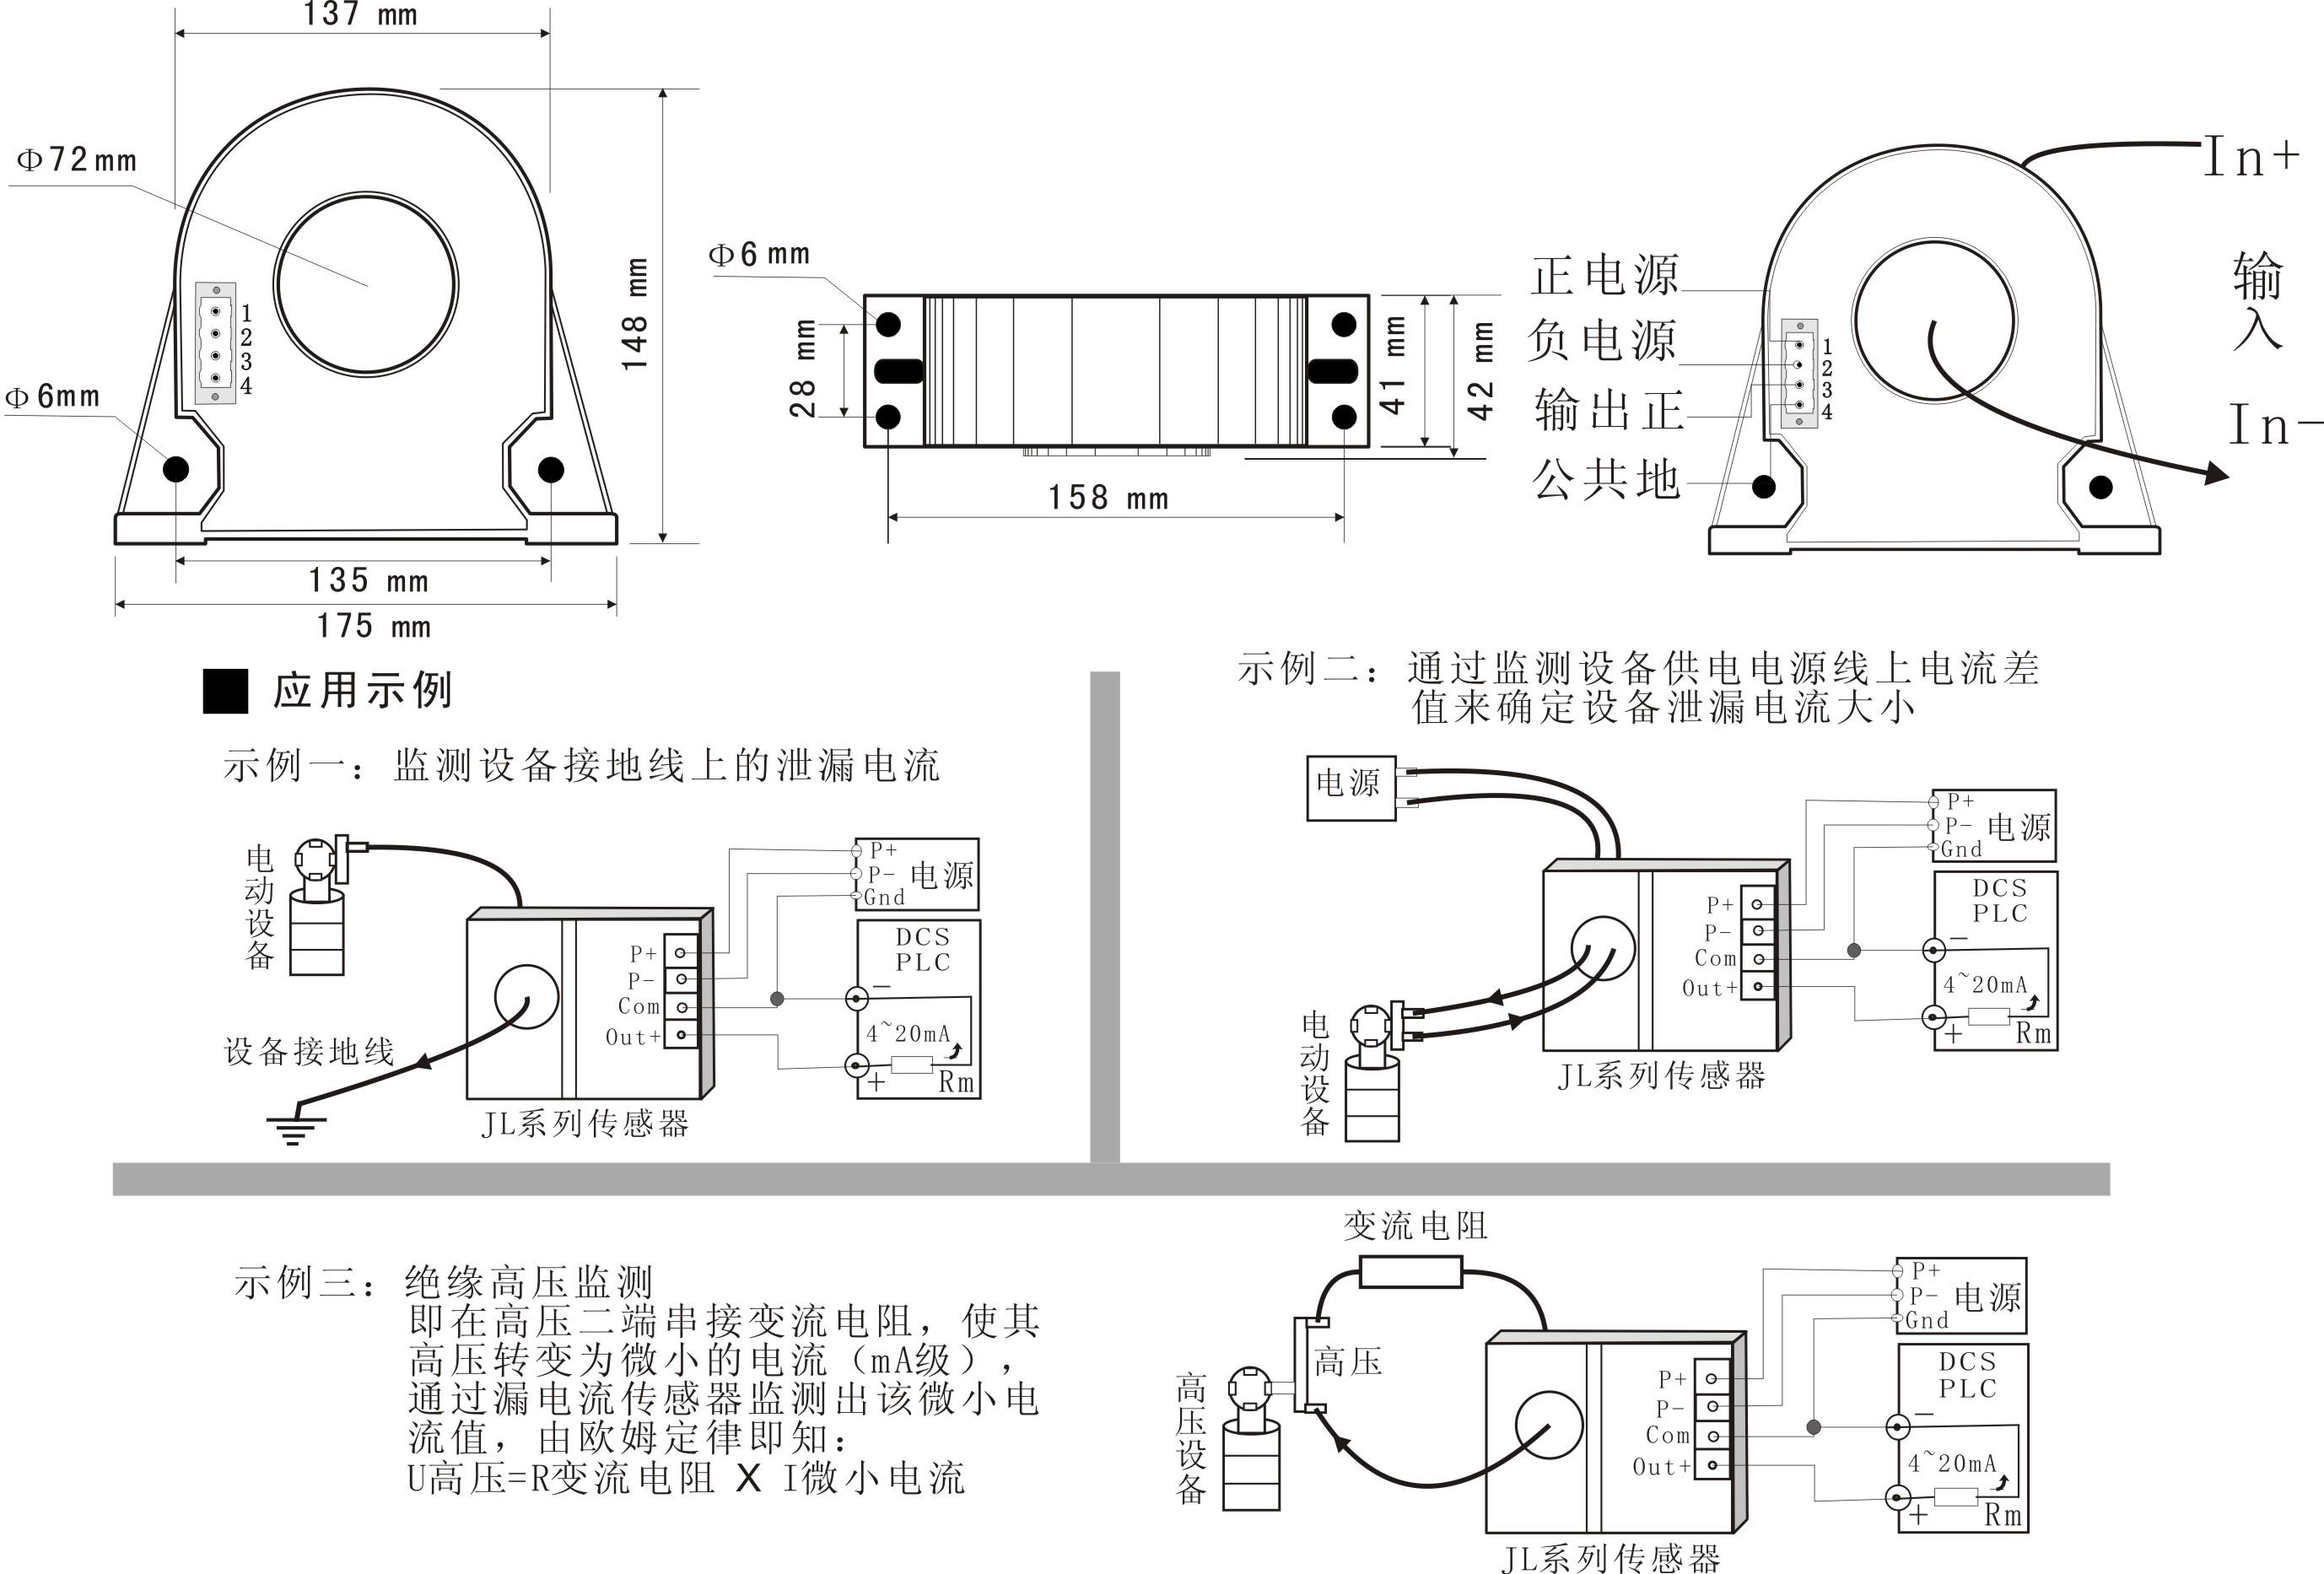 弱电流检测给单片机供地,毫安级超大大口径交流漏电流